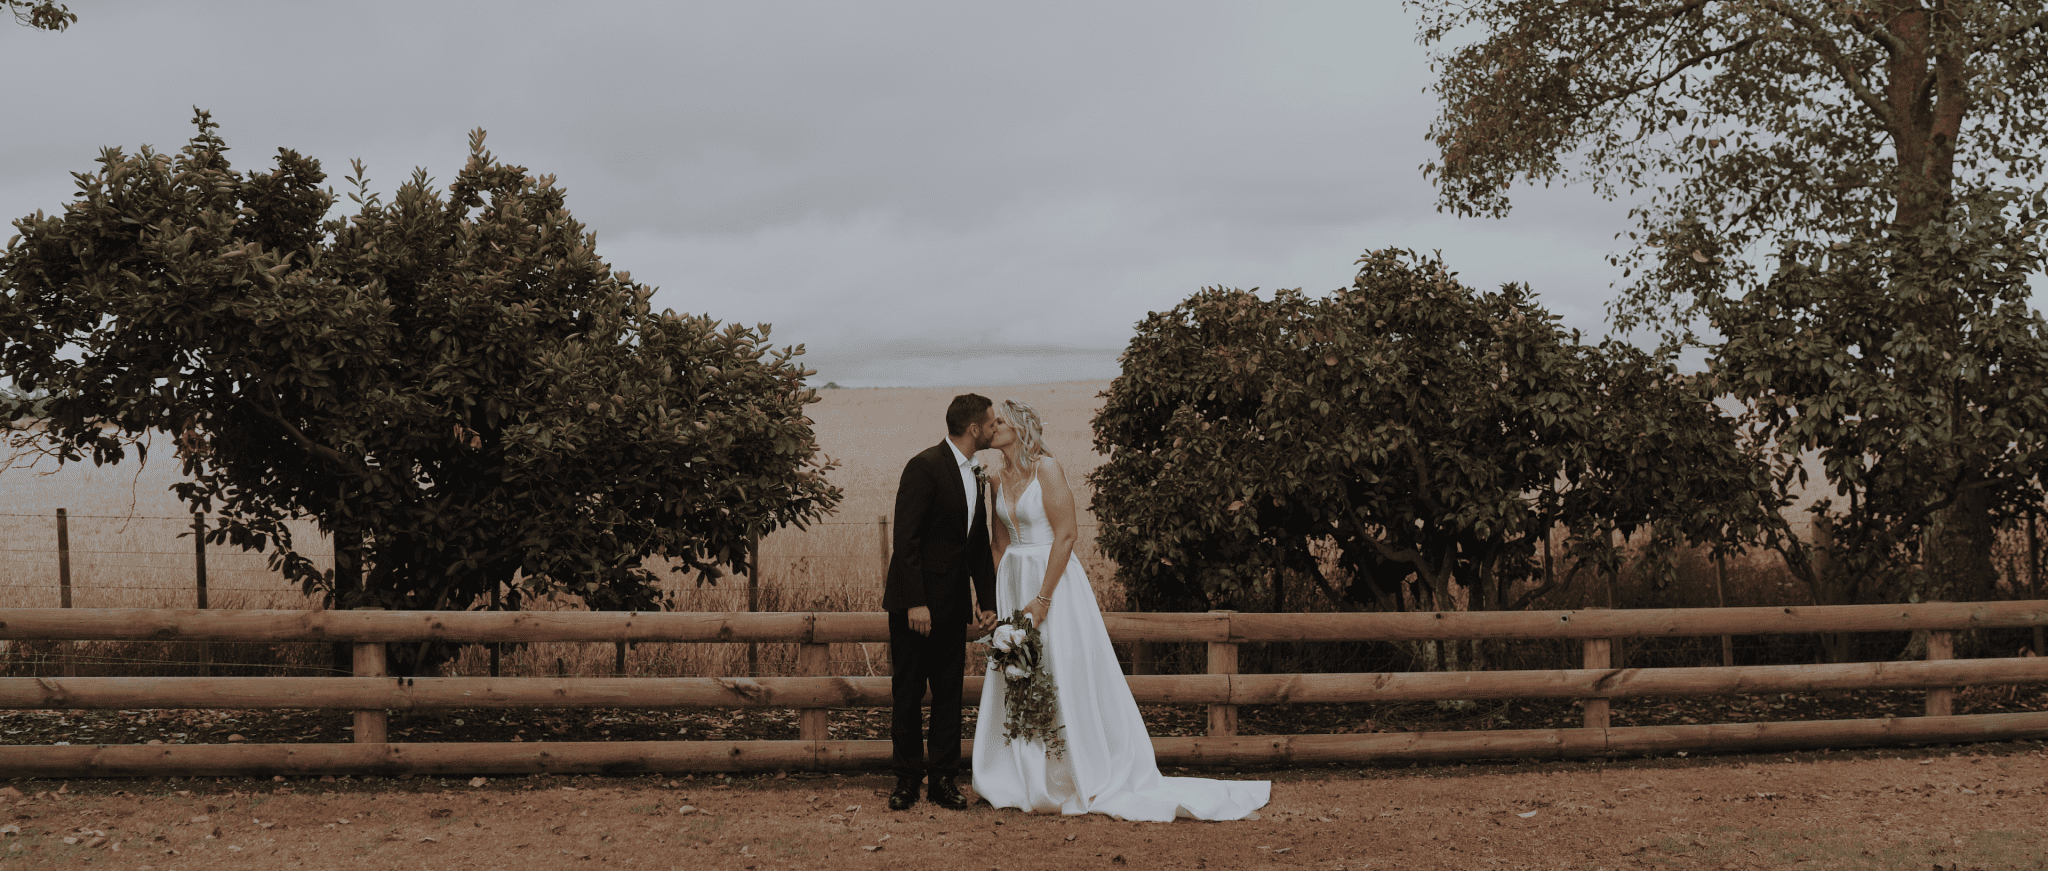 new zealand wedding filmmaker